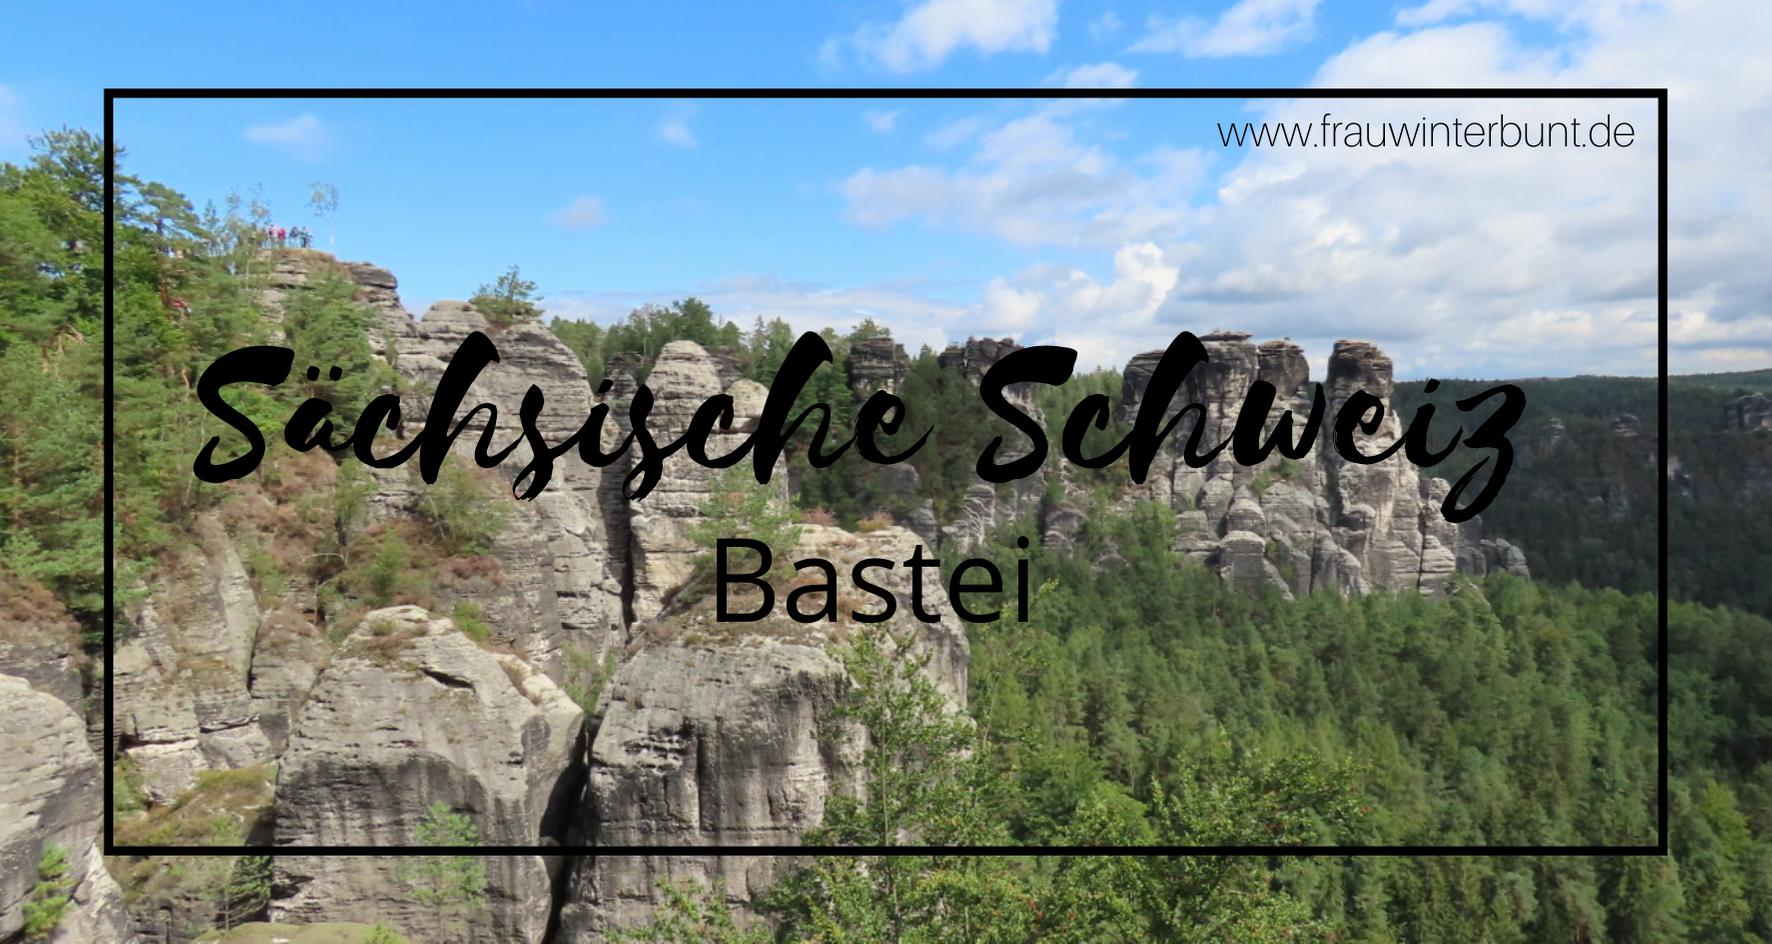 Wandern | Sächsische Schweiz: Bastei